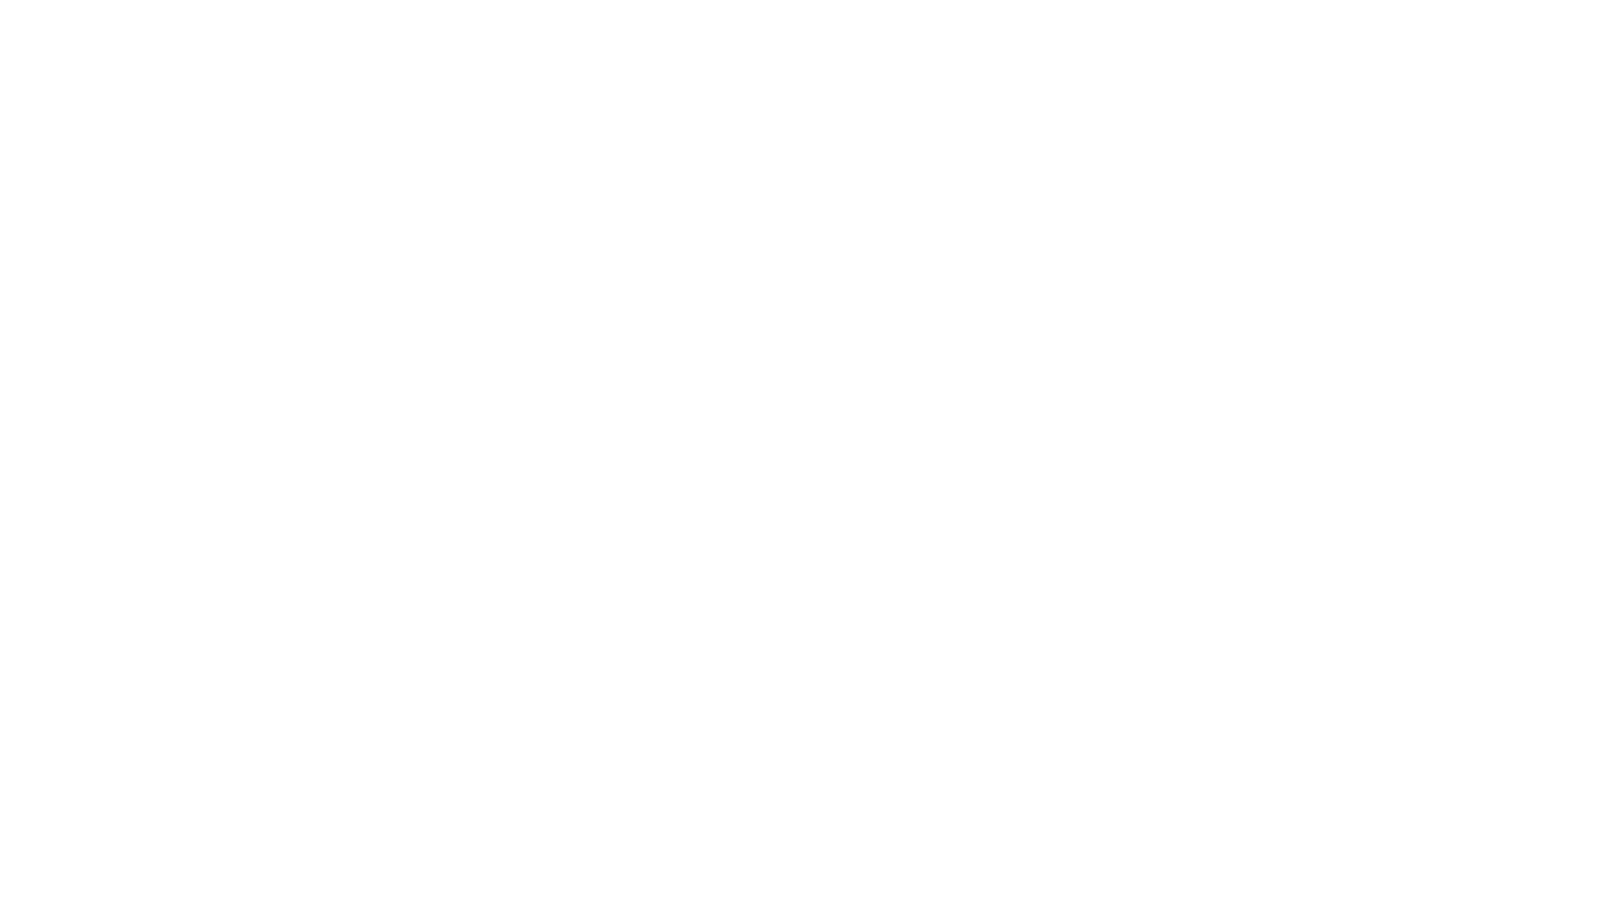 Neste vídeo faço a resenha da HQ nacional Corcel Negro número 1, criação do ator  Alcivan Gameleira.  Ficha técnica: A revista em quadrinhos tem o famoso formatinho 14 x 21 cm, capas coloridas e miolo p&b, 28 páginas, papel sufite. Artistas que colaboraram na edição: Joe Nunes , Paulo Ricardo na arte Alcivan Gameleira (roteiros). Lançado pela extinta SM Editora e editado por José Salles.  Sinopse:  Dois contos despretensiosos narram aventura do herói surdo-mudo em suas viagens pelo tempo tentando fazer com que a justiça dos himens seja cumprida.    CONTATOS: ALCIVAN GAMELEIRA https://www.facebook.com/profile.php?id=741429926  FRANCINILDO SENA https://www.instagram.com/senafrancinildo/ https://www.facebook.com/francinildo.sena   CONHEÇA TAMBÉM AS REDES SOCIAIS E OS TRABALHOS DO AUTOR EBERTON FERREIRA: http://www.linktr.ee/estudioston  Este vídeo foi editado por Bigmau quadrinhos Oficial. Intros, Vinhetas personalizadas, edição de vídeo e uma Incrível Assessoria para você tornar seu canal mais profissional. Para mais informações entrem contato pelo E-mail bigmaucomics@gmail.com.